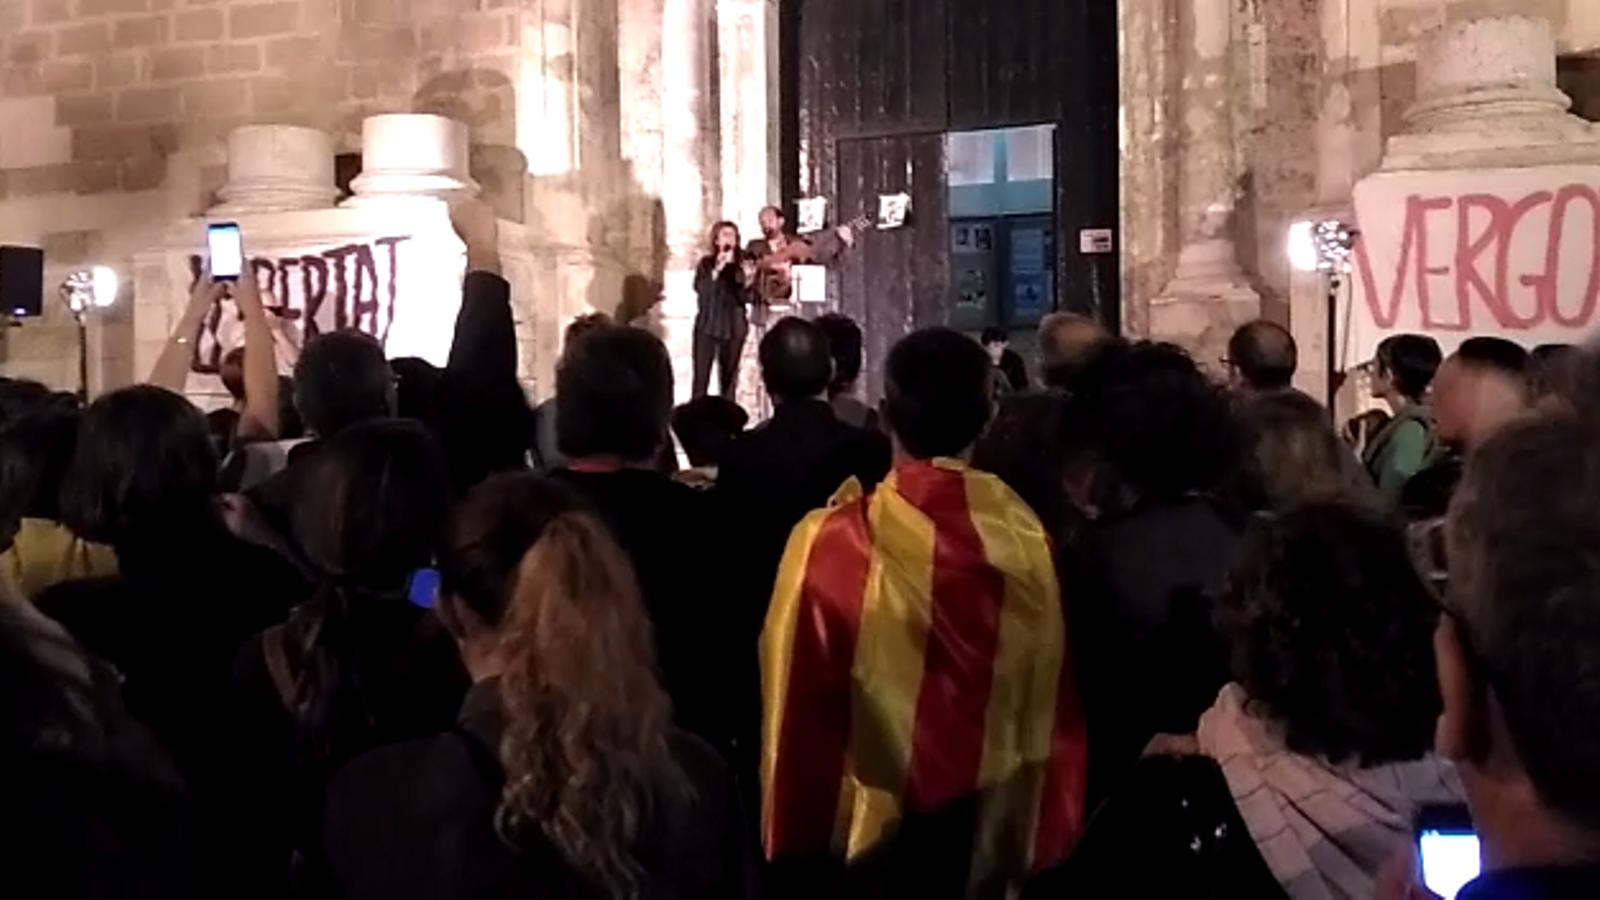 Els participants a la concentració canten Els Segadors